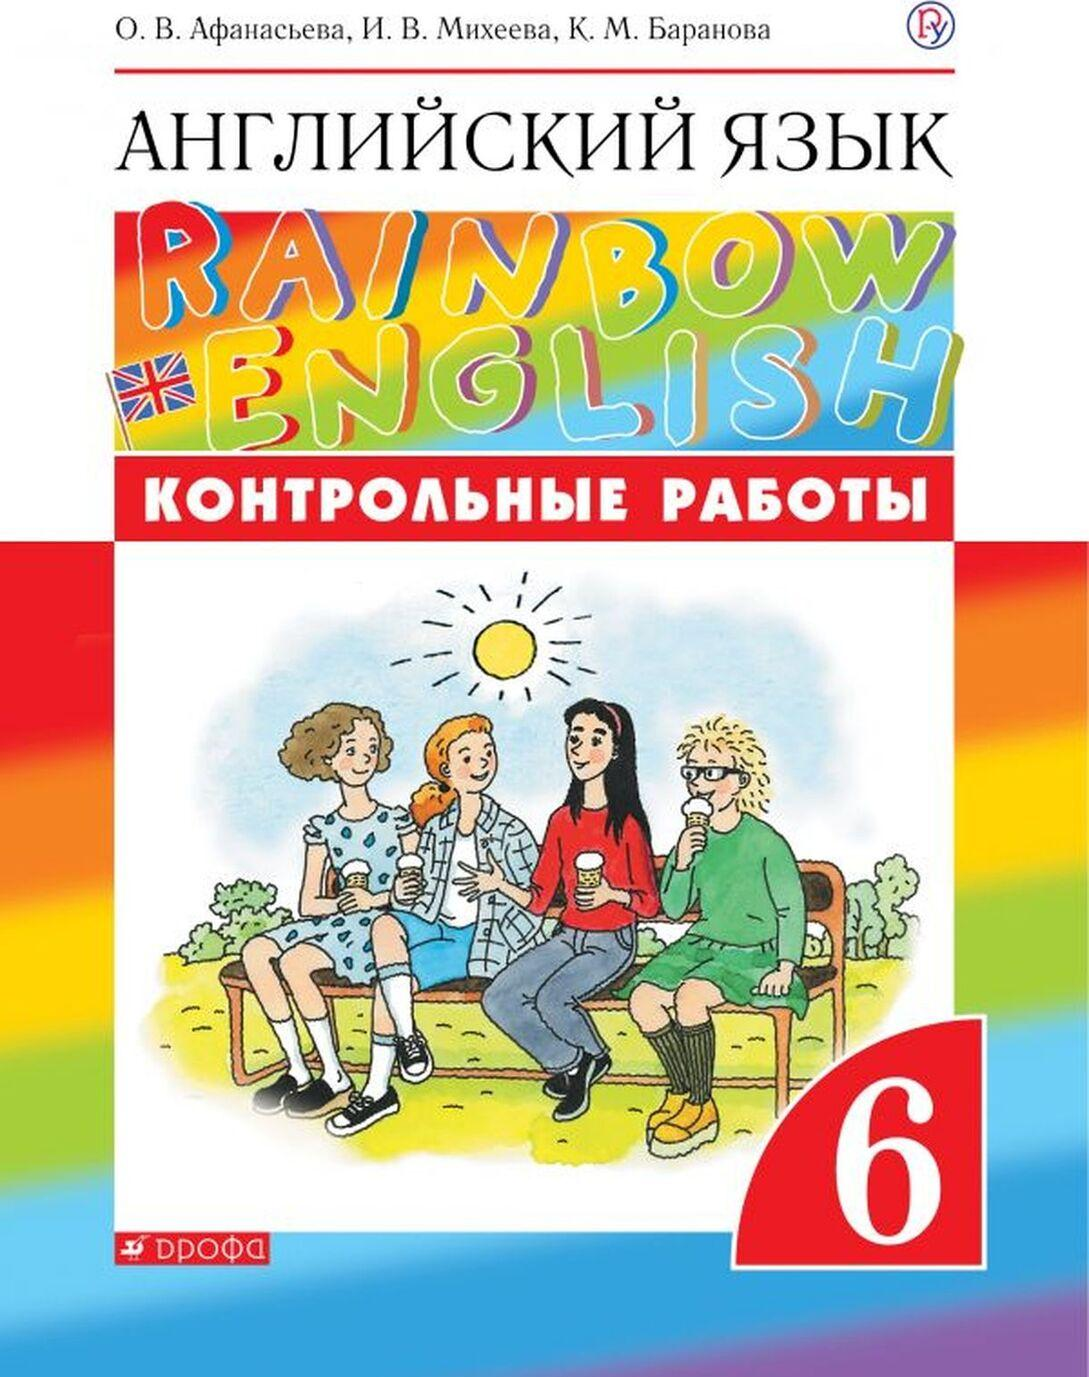 Anglijskij jazyk. 6 klass. Kontrolnye raboty